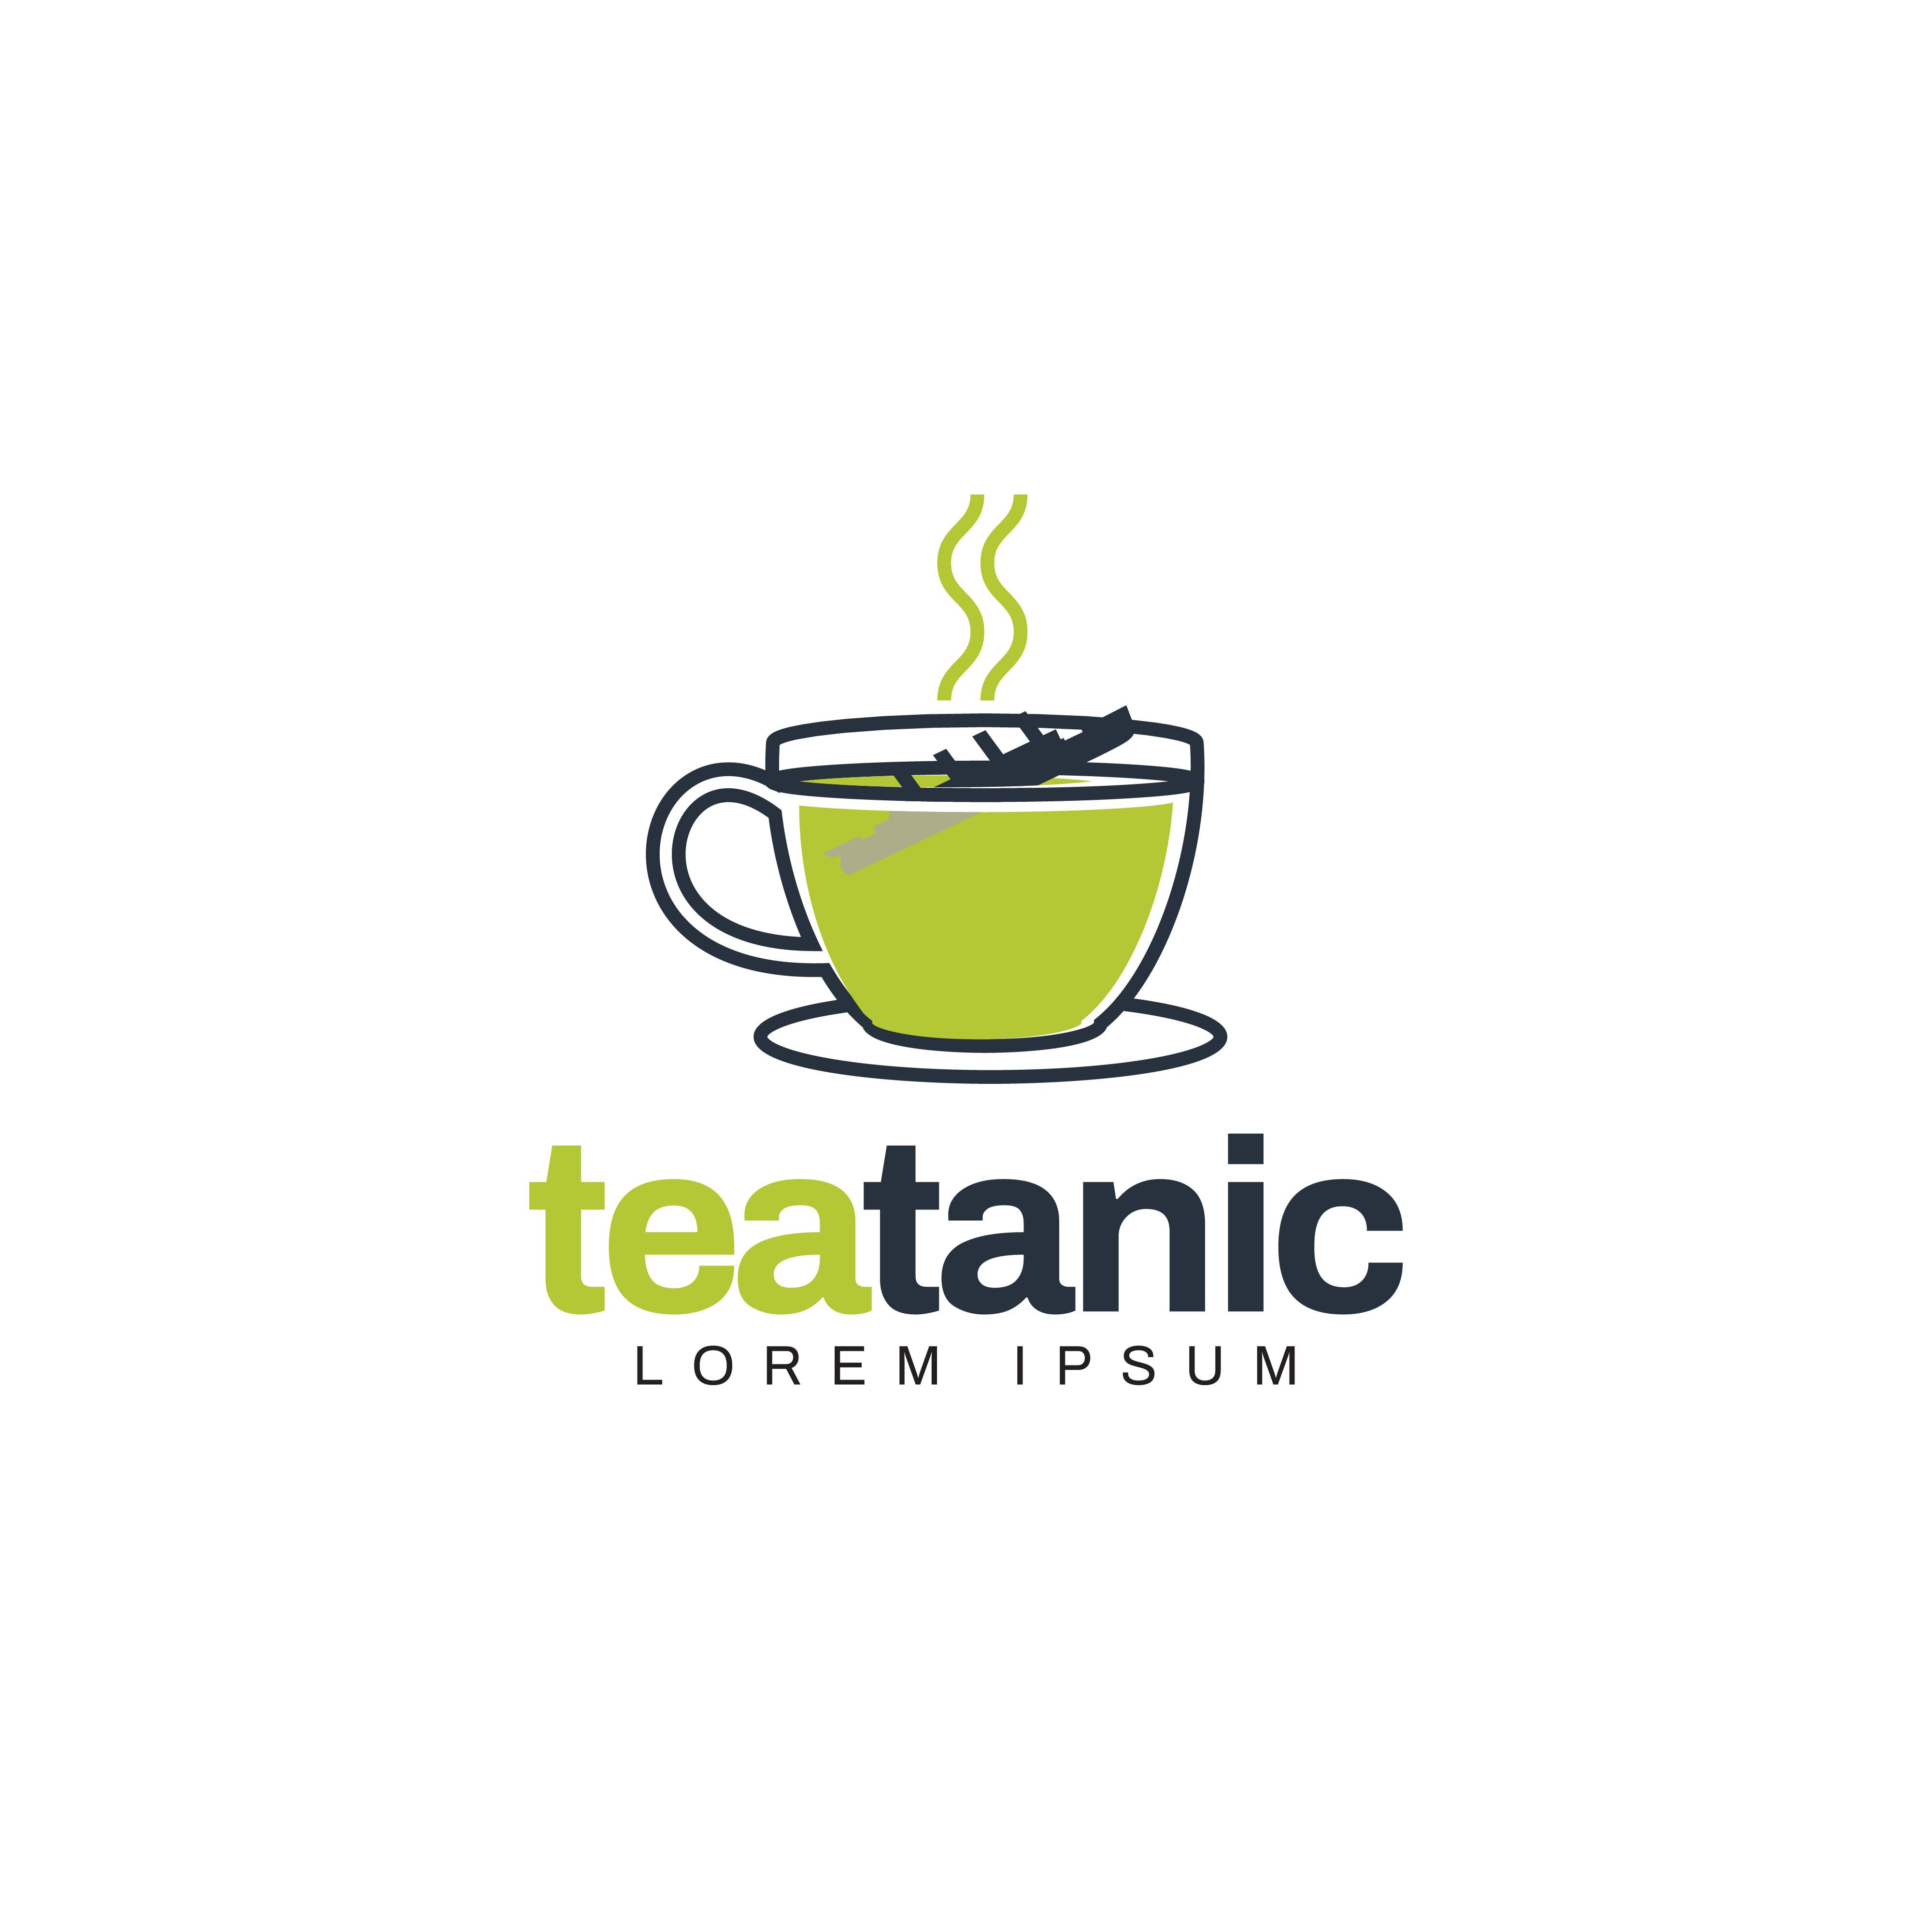 Unique Creative Green Tea Logo Symbol